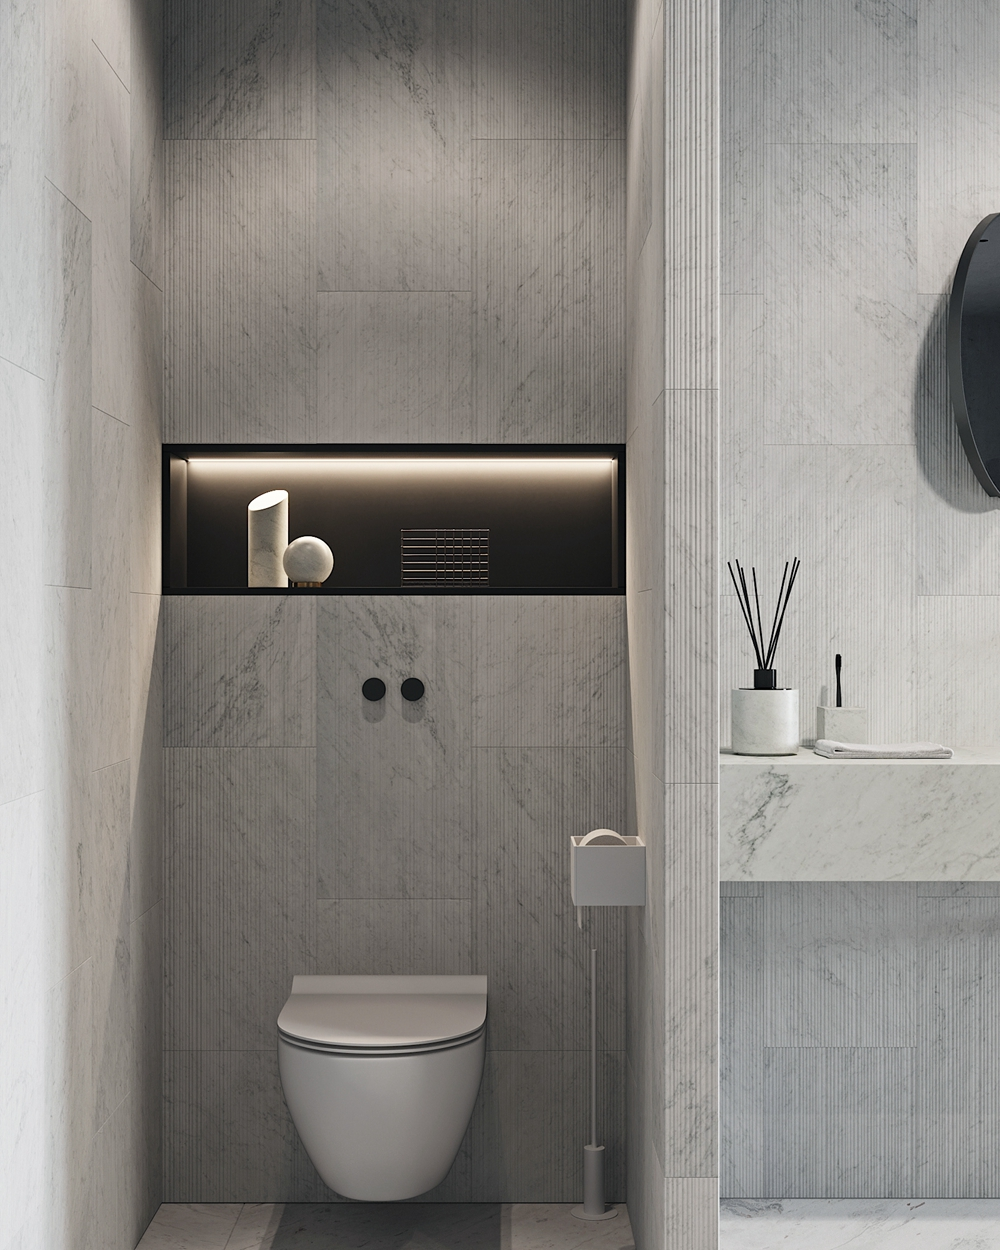 坐便器空间紧凑,为提升收纳能力局部设计了壁龛,并藏有灯带,细节处绽放精致感。